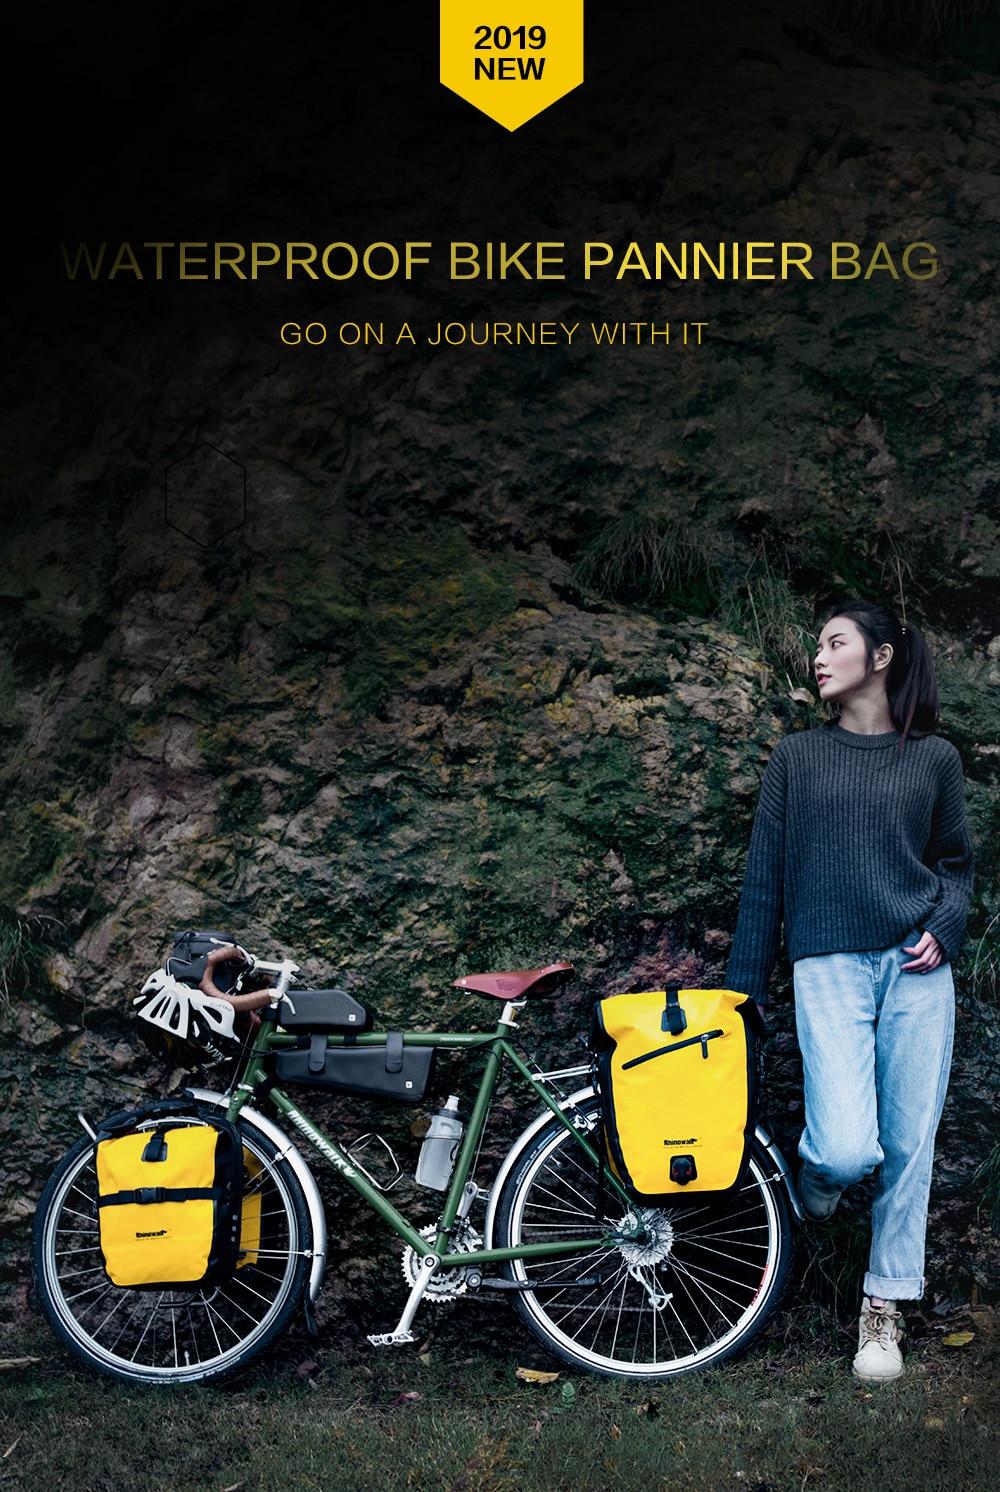 Waterproof Bike Pannier Bag (1)